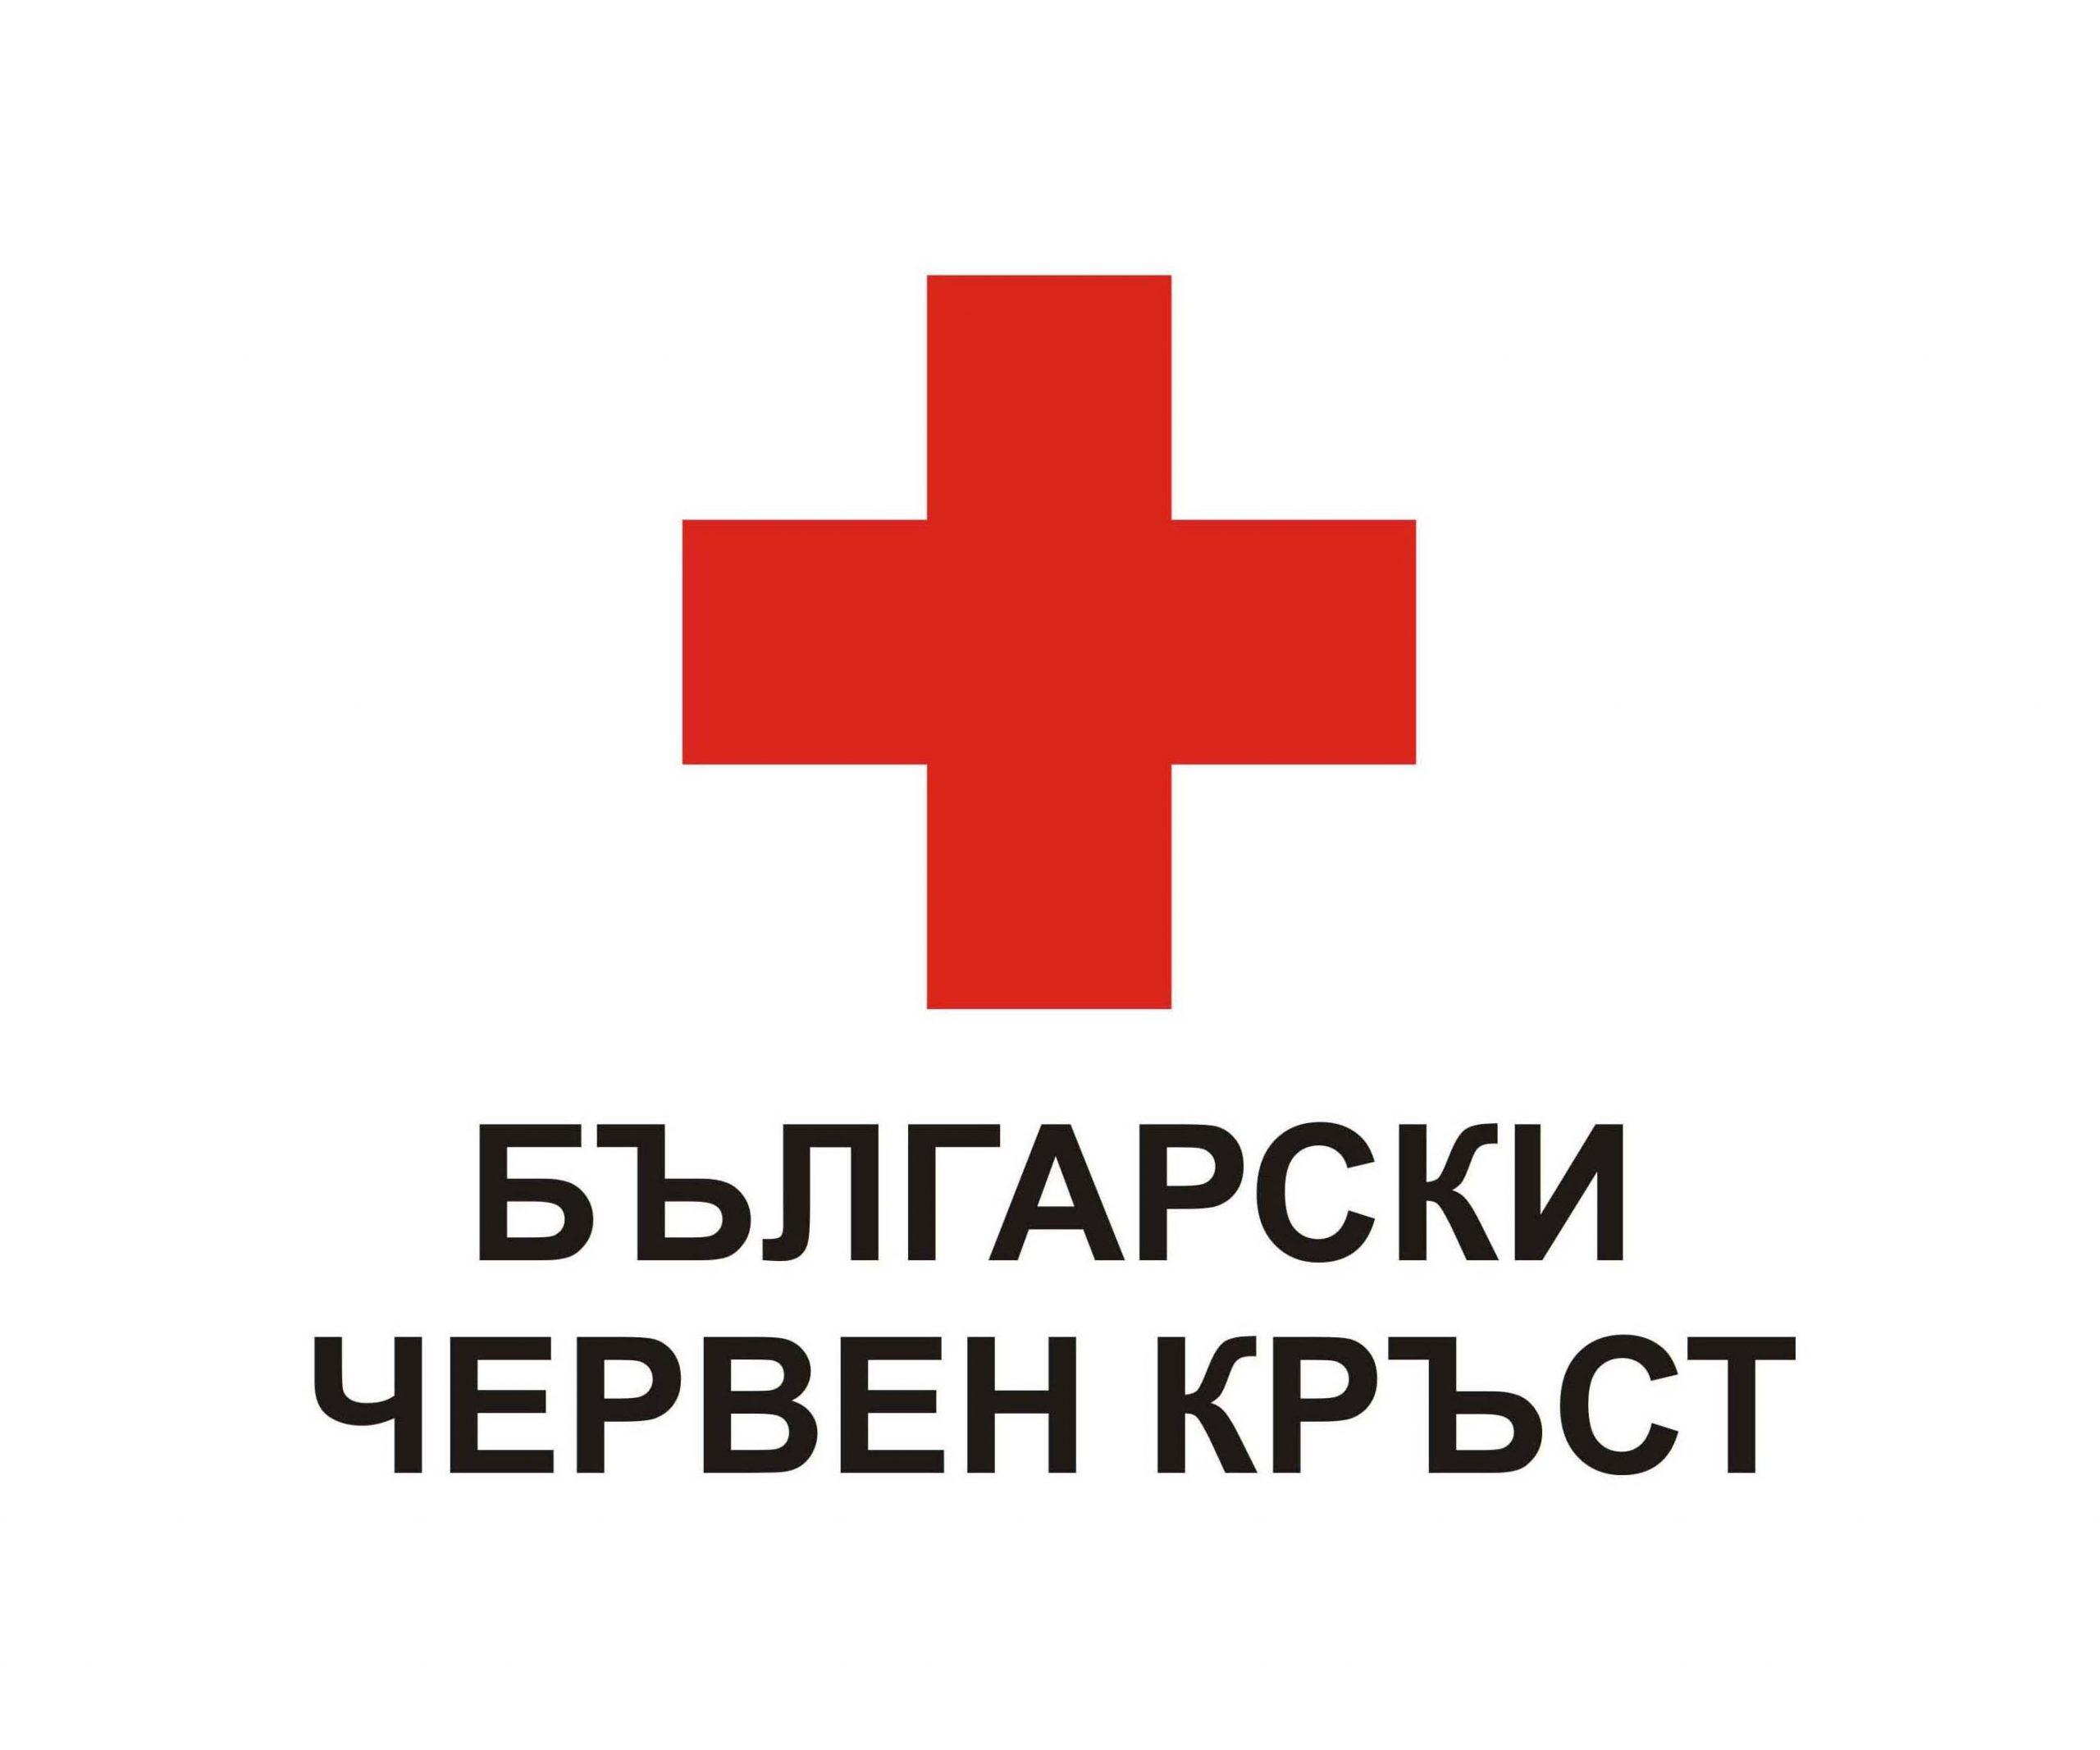 Българският Червен кръст открива Контактен център за подкрепа в Пловдив 141